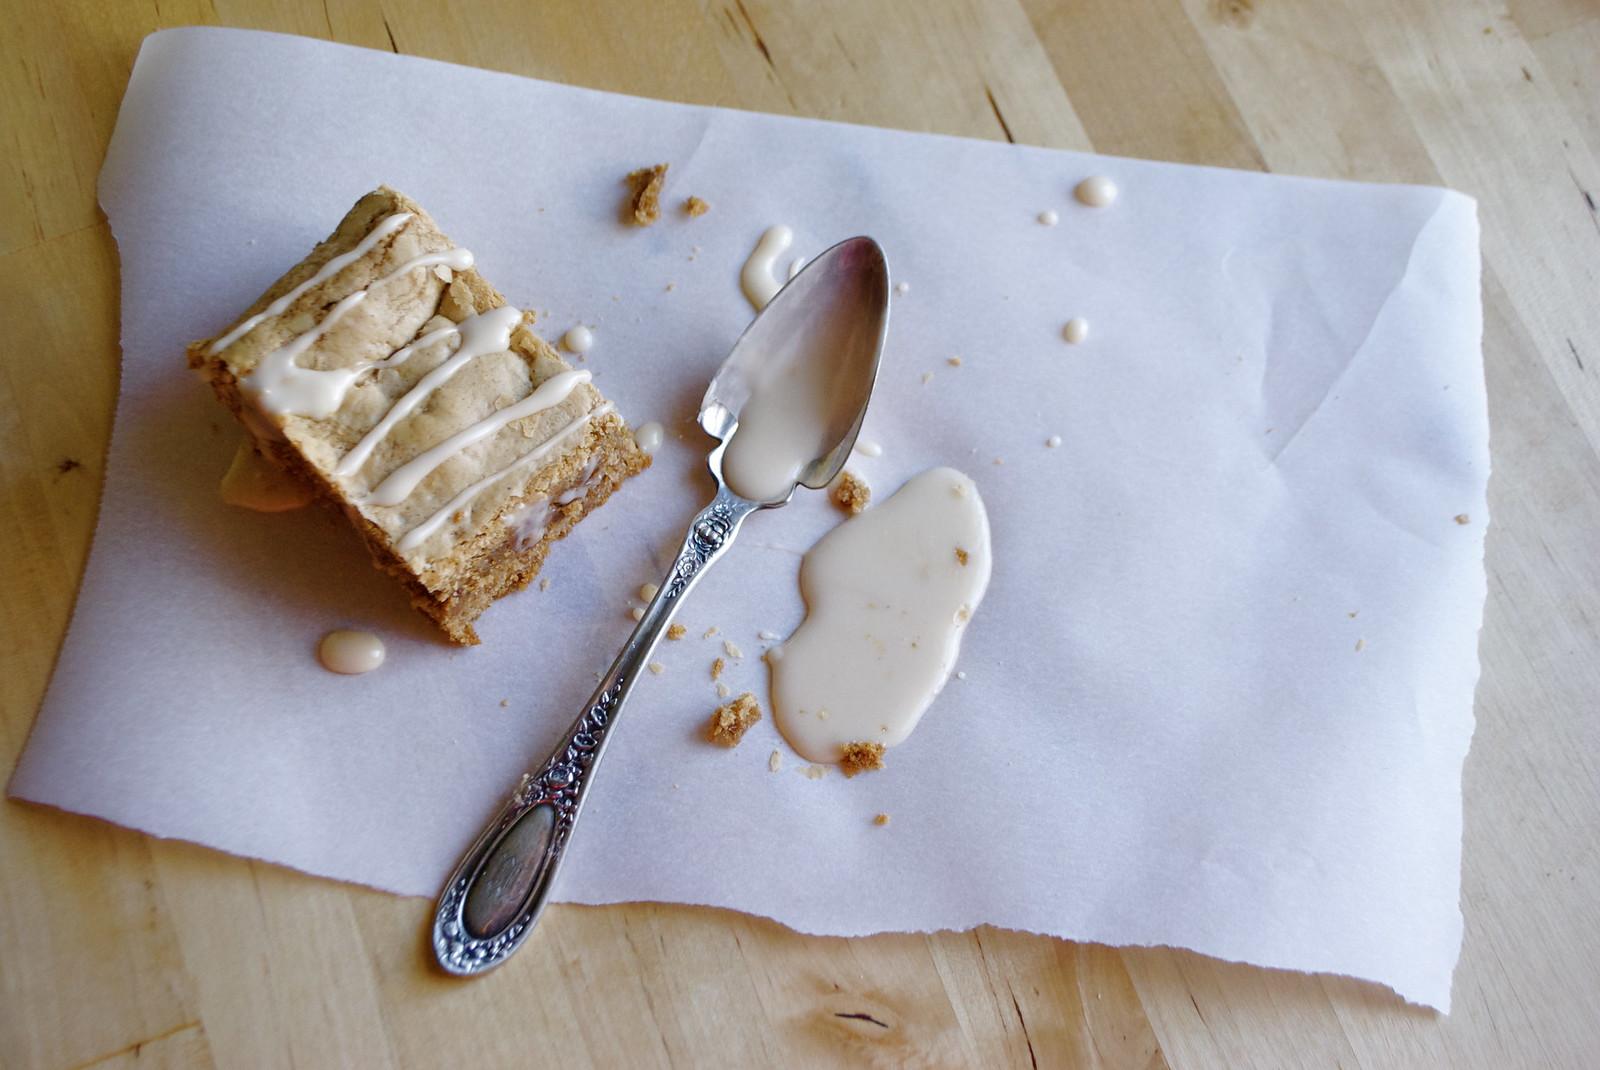 autumn spice cake mix blondies with vanilla glaze